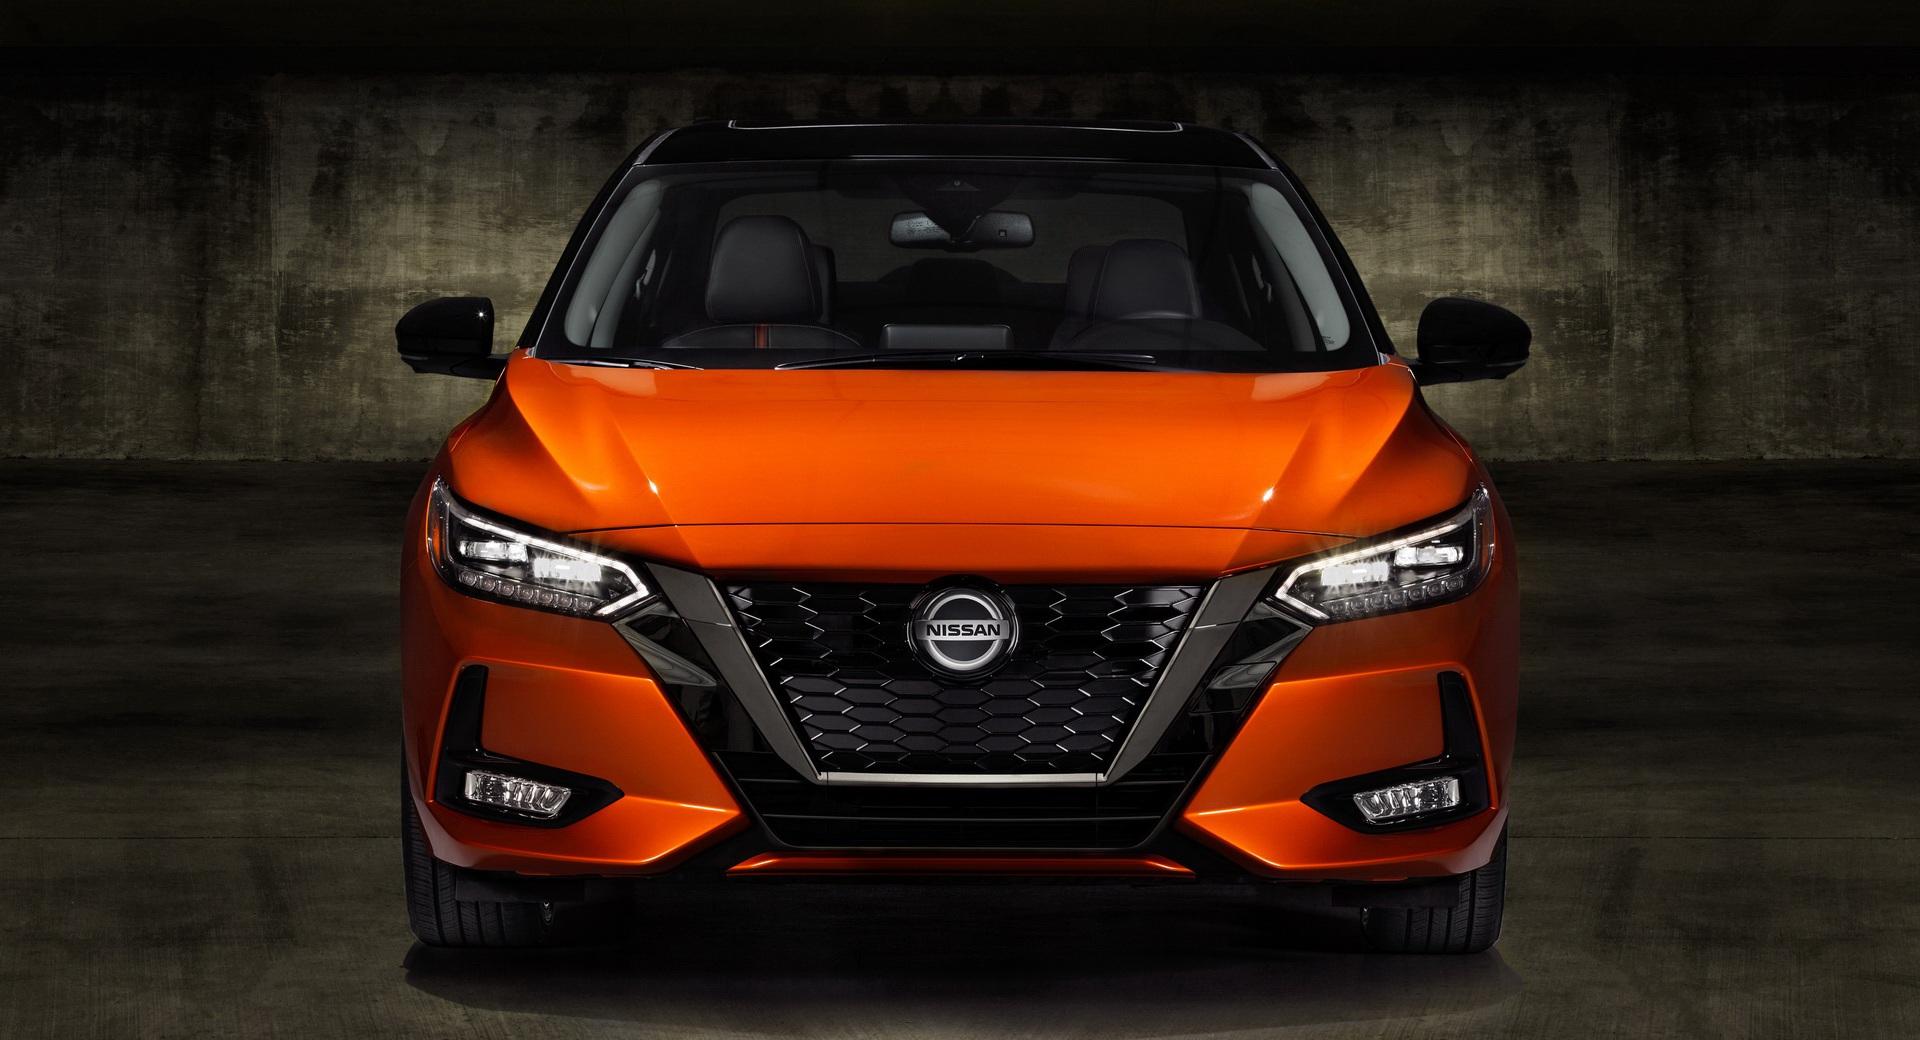 Giá trị thị trường của Nissan tụt xuống dưới cả Subaru - 1